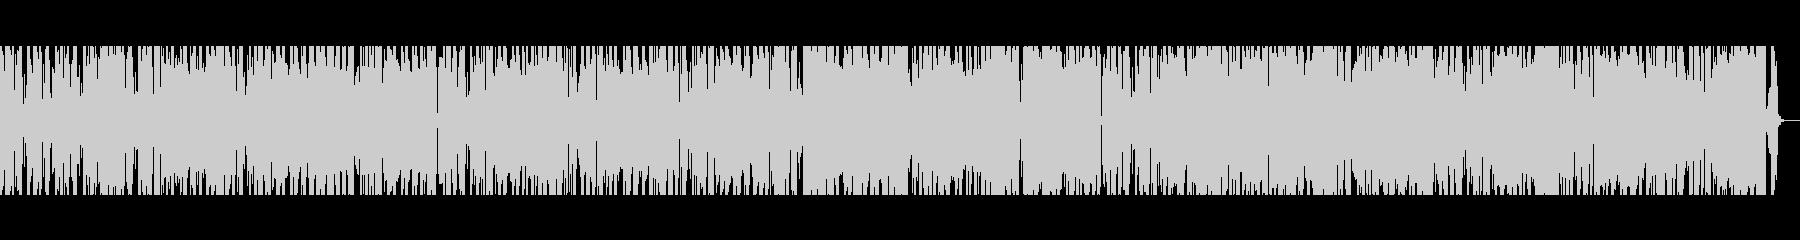 ファンクロックブルーススタイルのBGMの未再生の波形